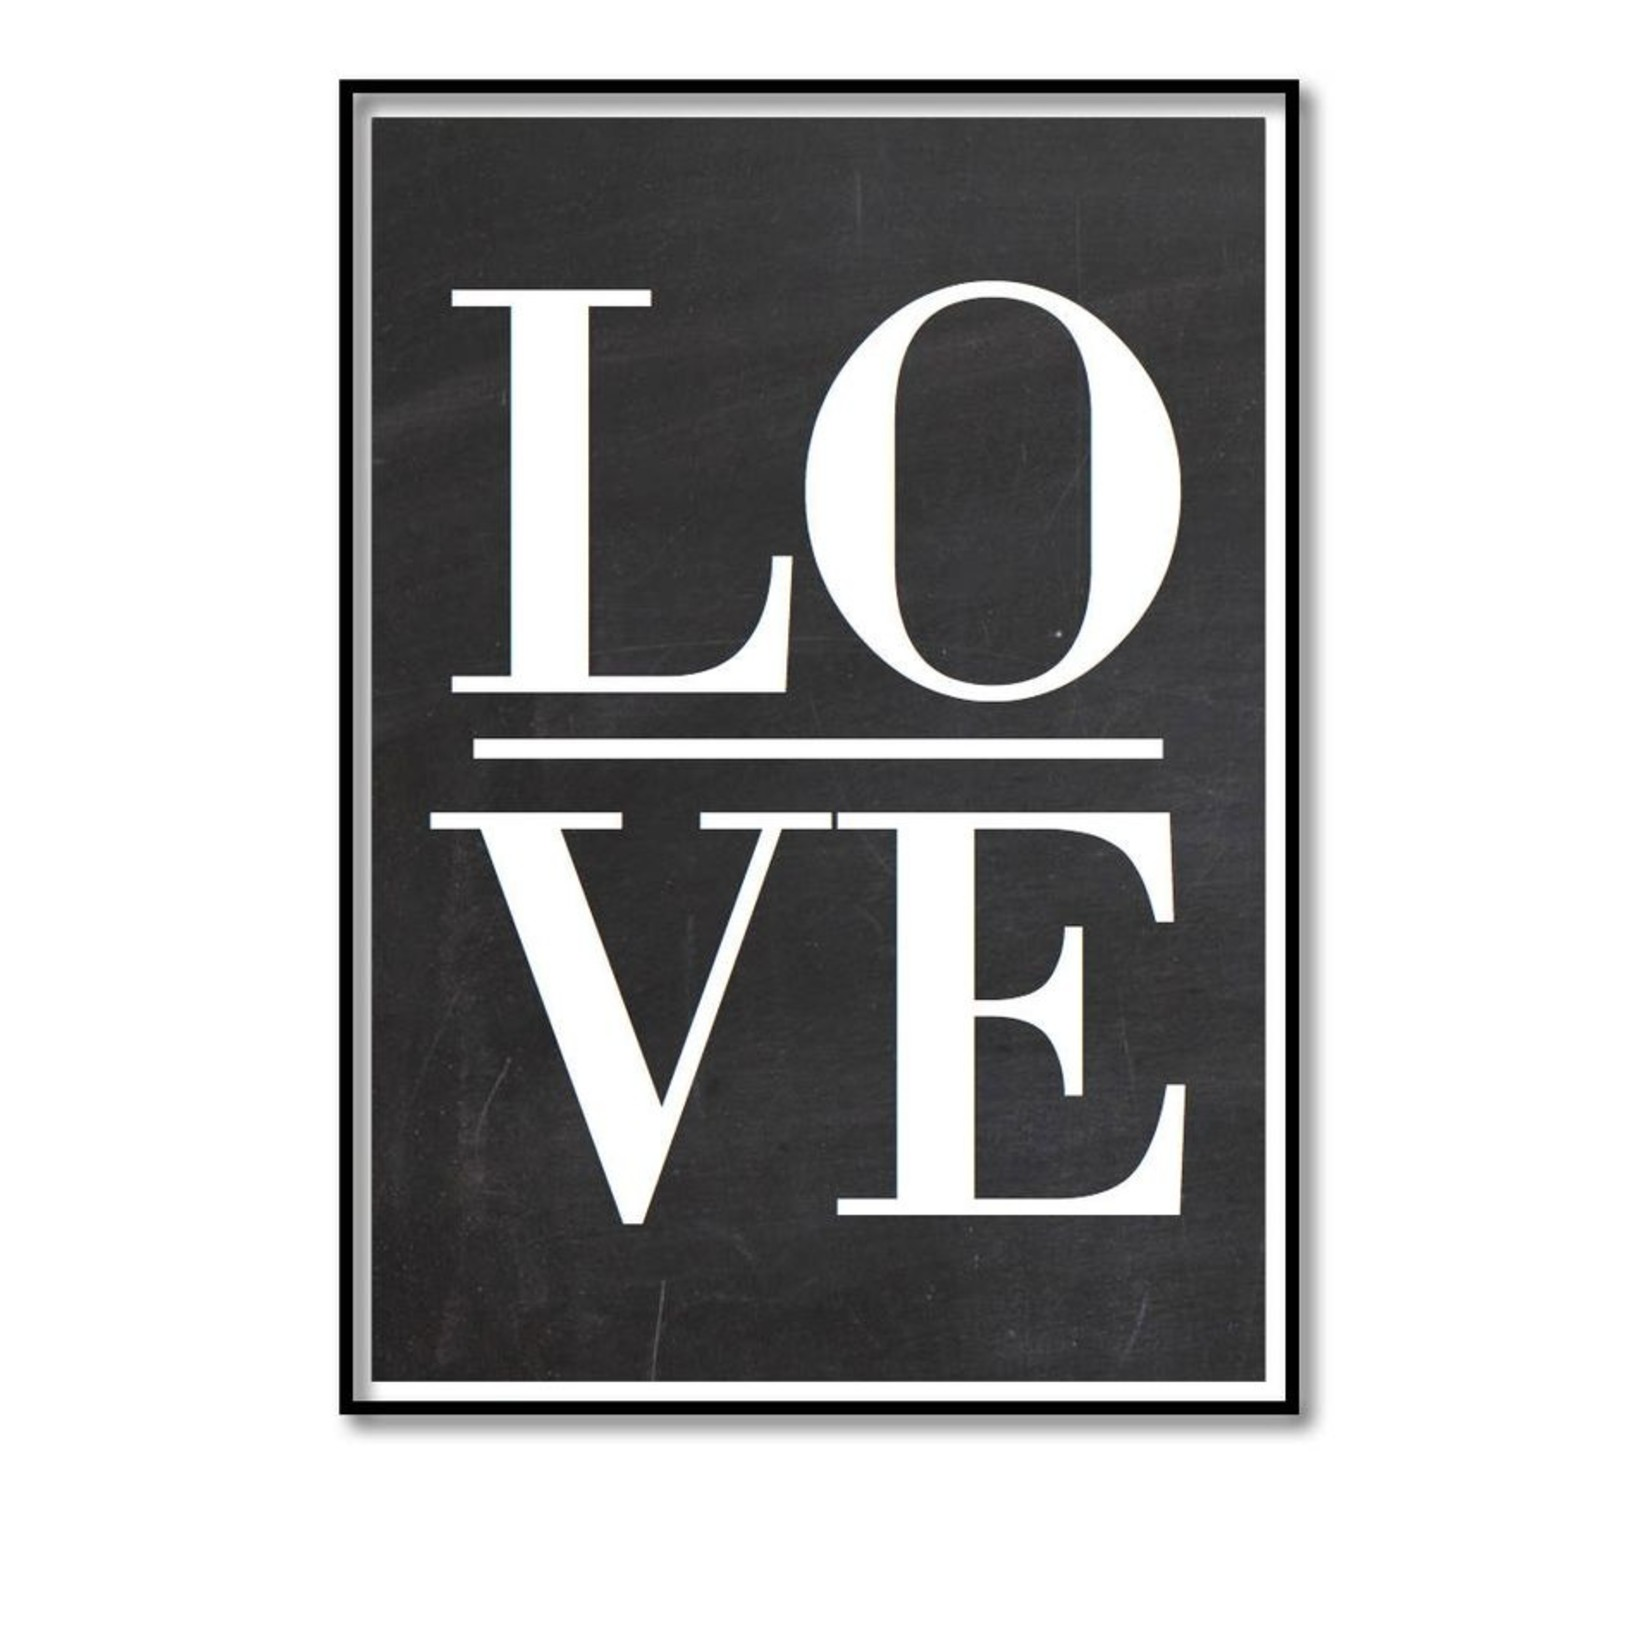 Pixelposter - Love (A4)